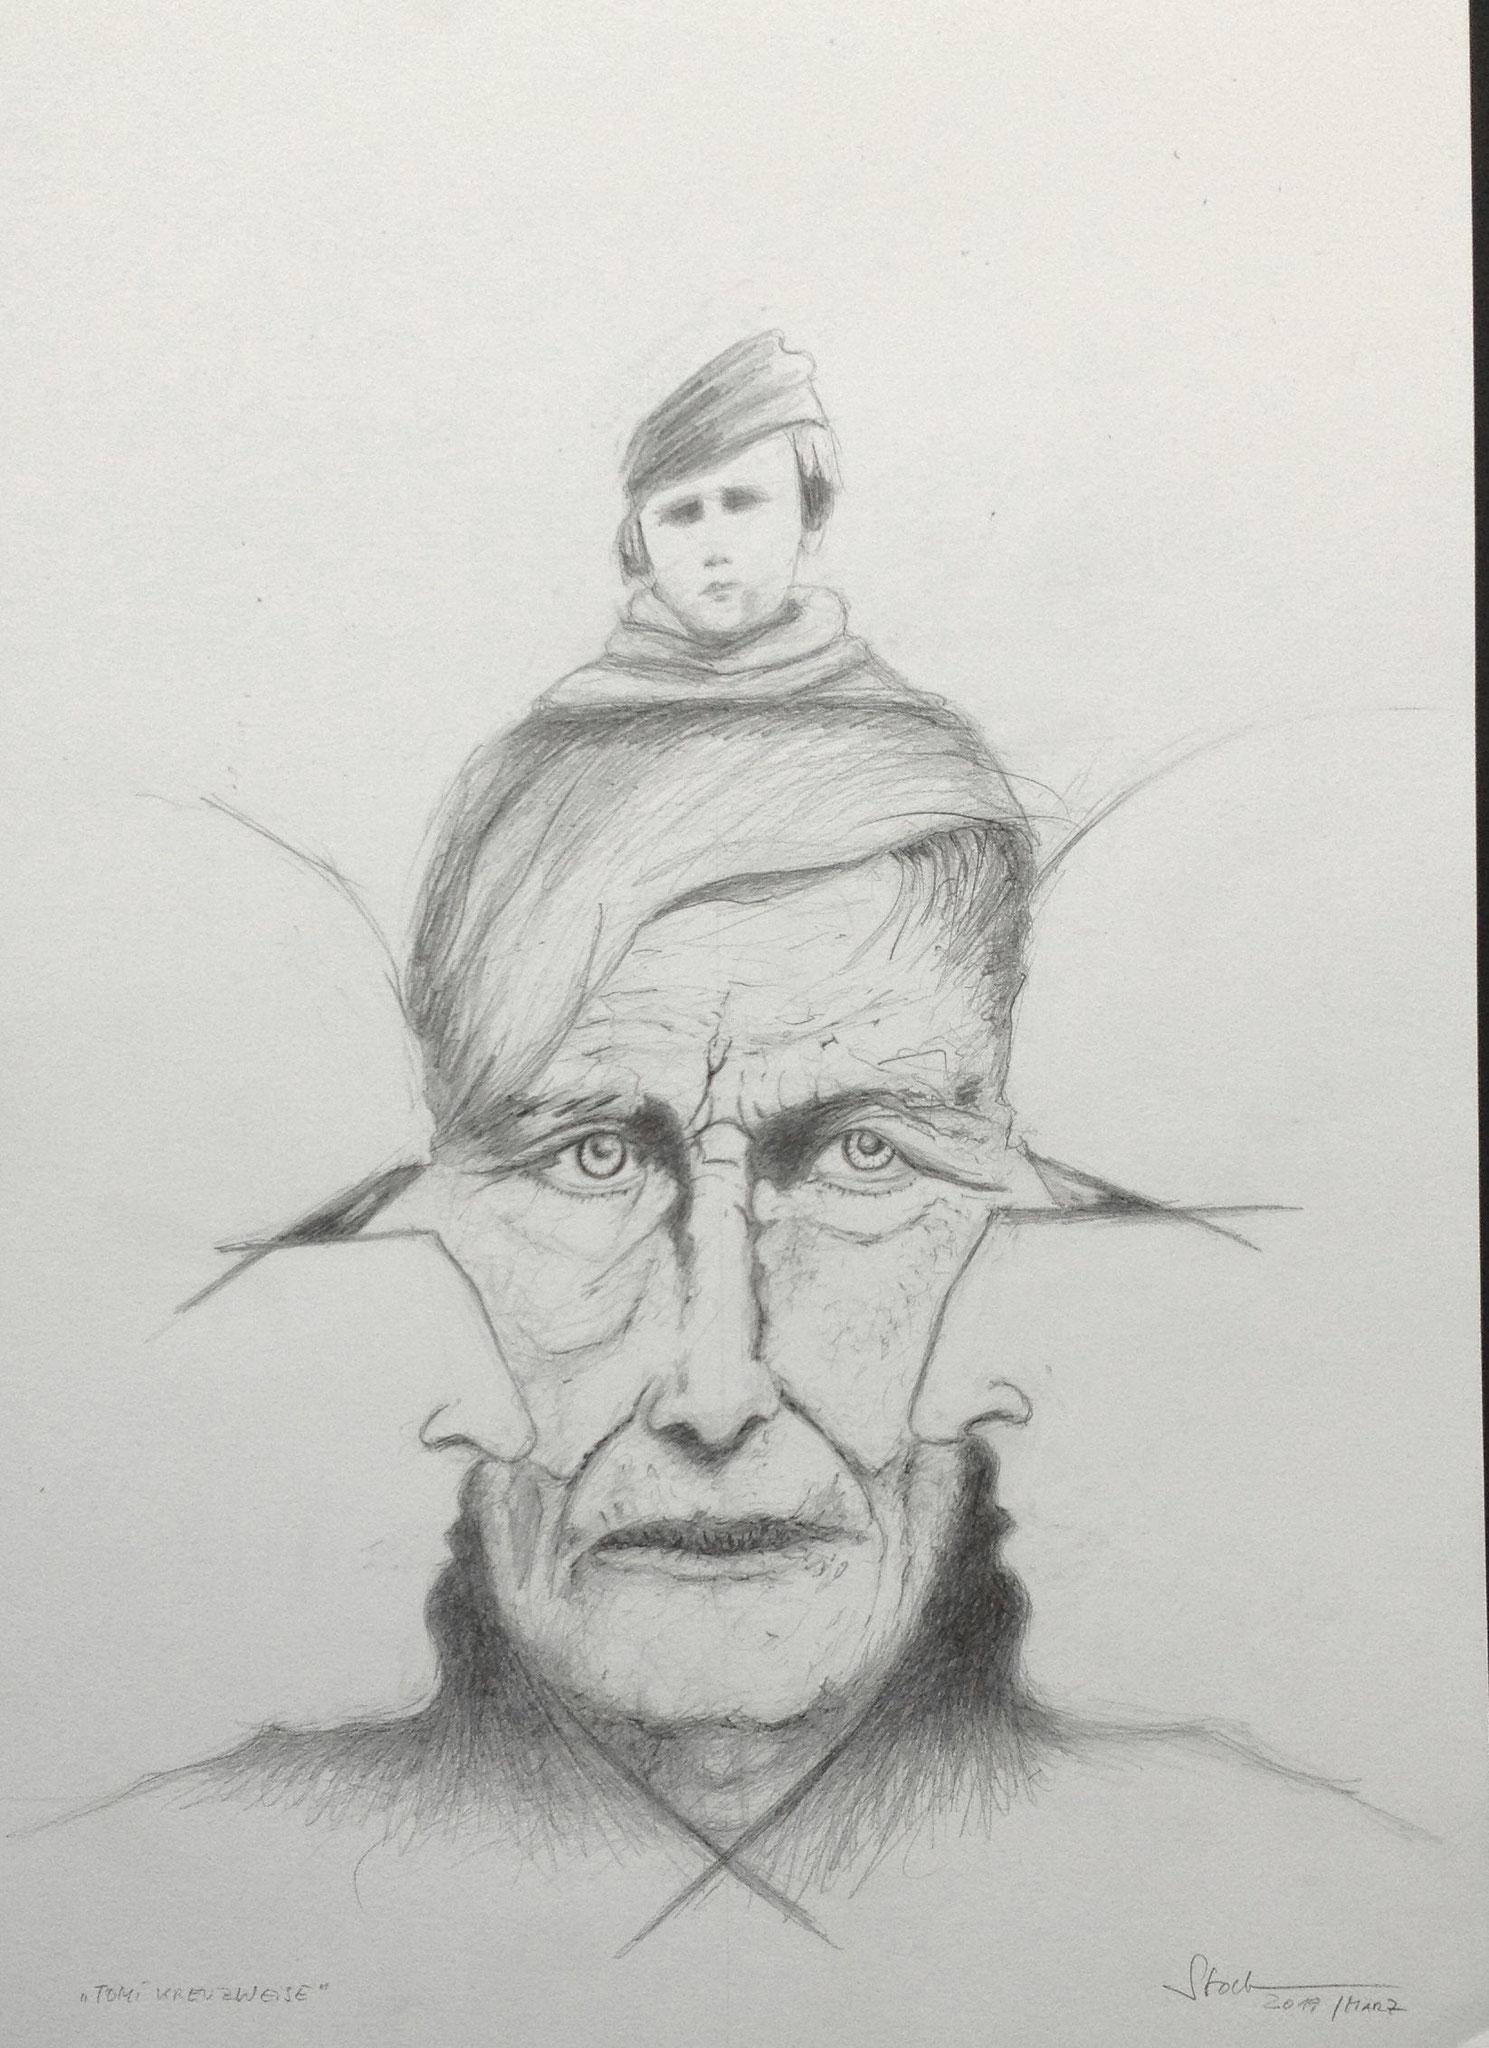 Tomi Ungerer kreuzweise 2, 2019, Zeichnung, 40 x 30 cm (#1013)